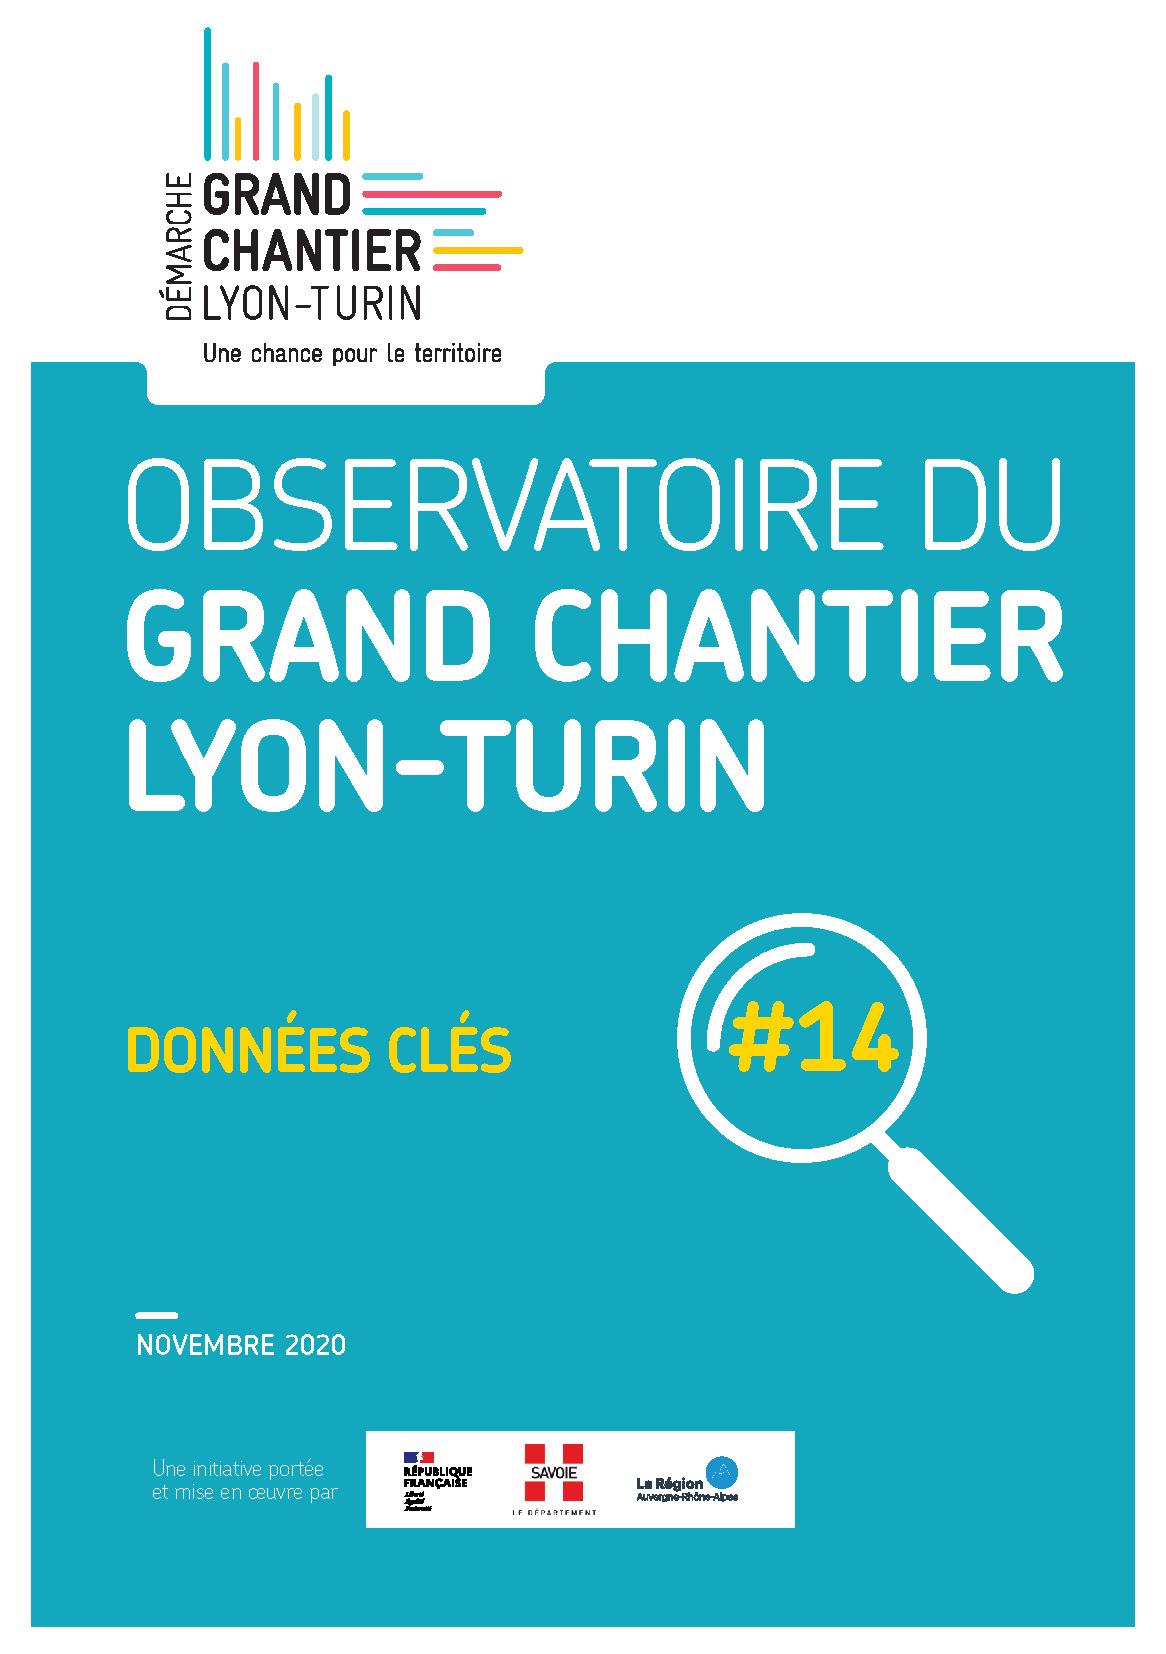 Pages de OBS DGC Lyon-Turin - données clés n14 - 12 2020